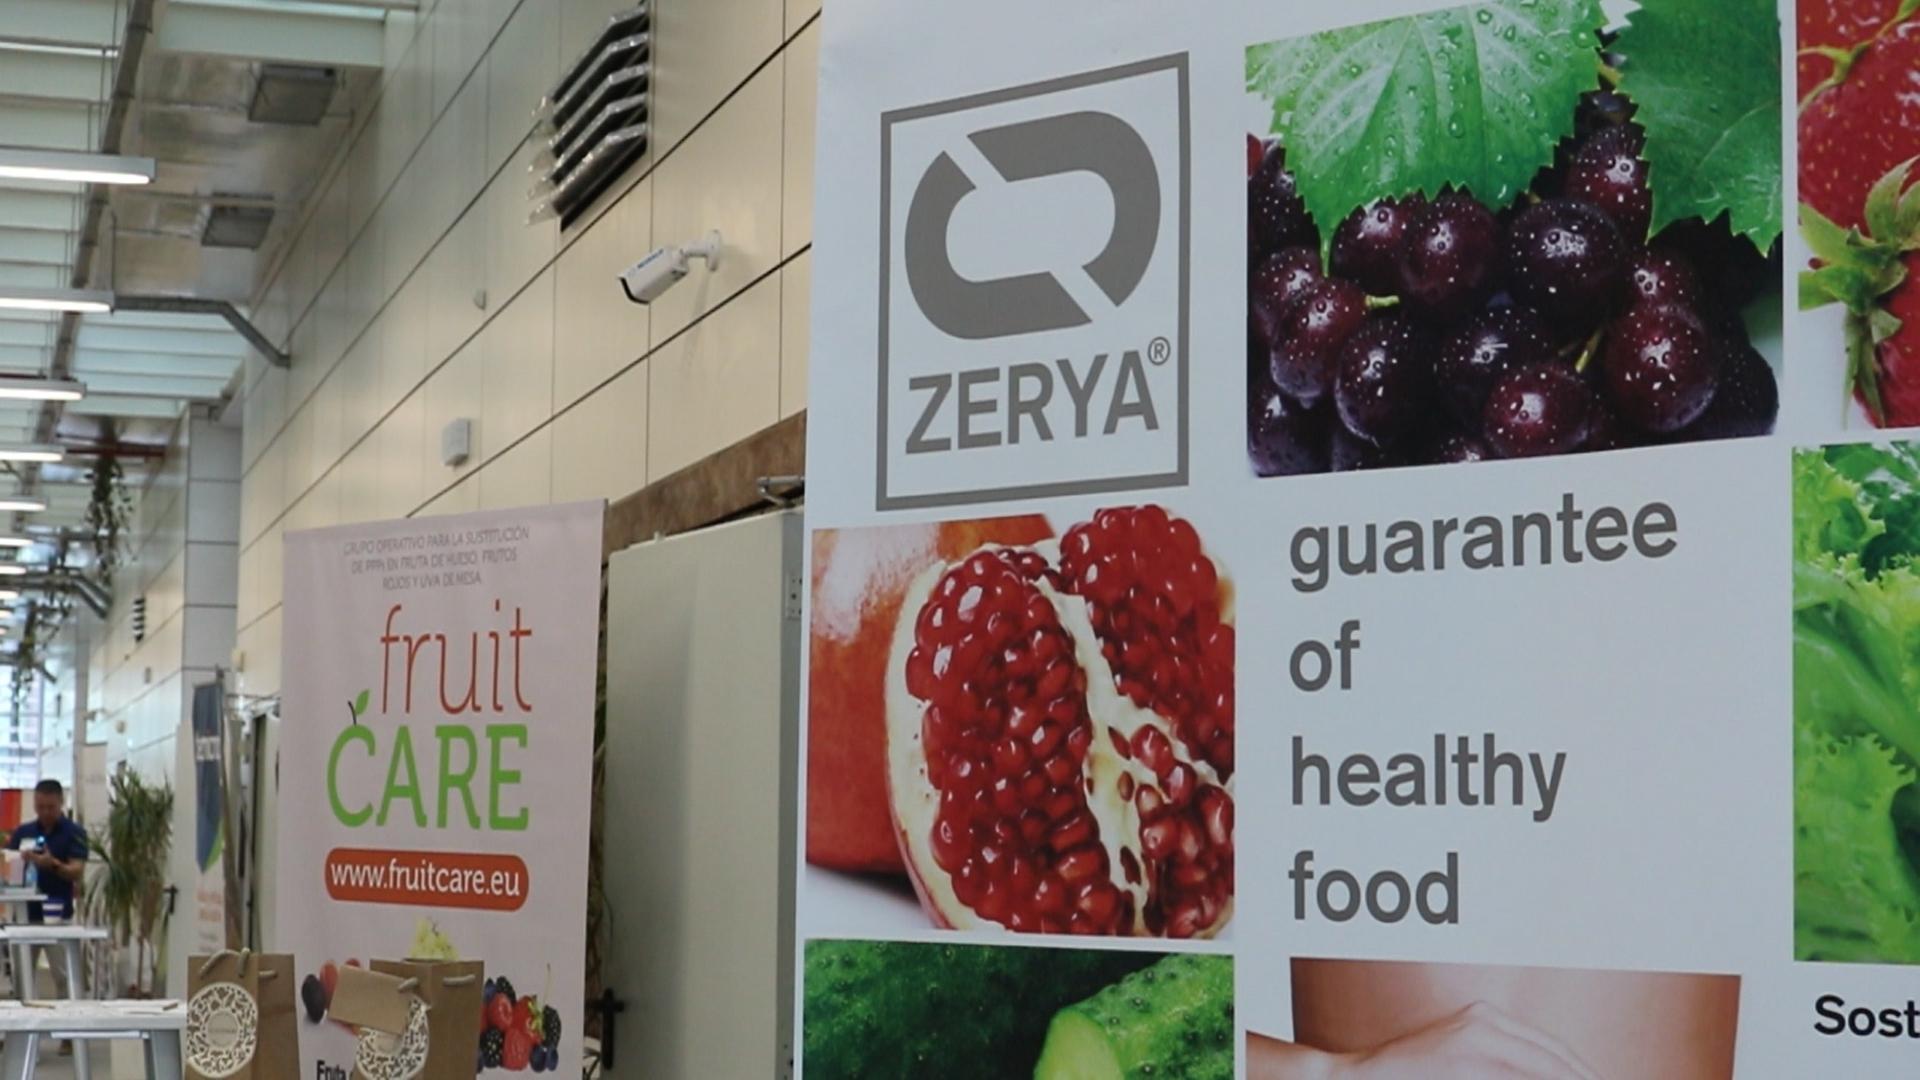 El Grupo Operativo FruitCare dispuso de un stand informativo en la #JornadaZERYA de Almería